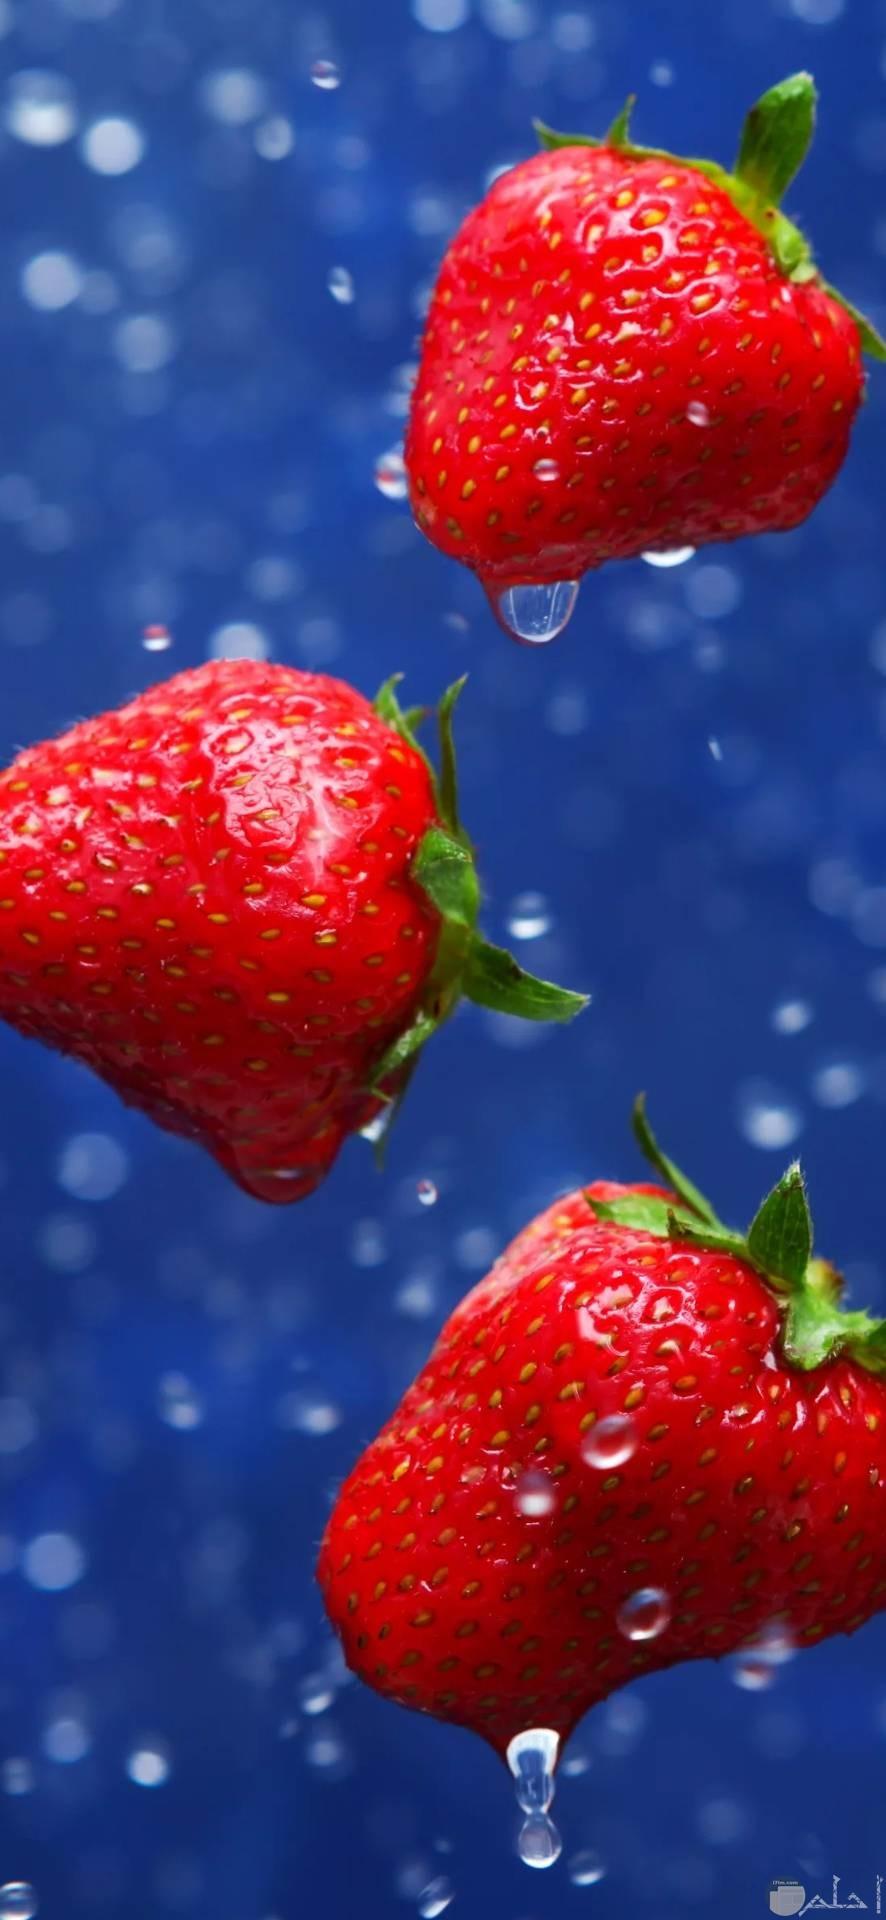 صور فراولة جذابة